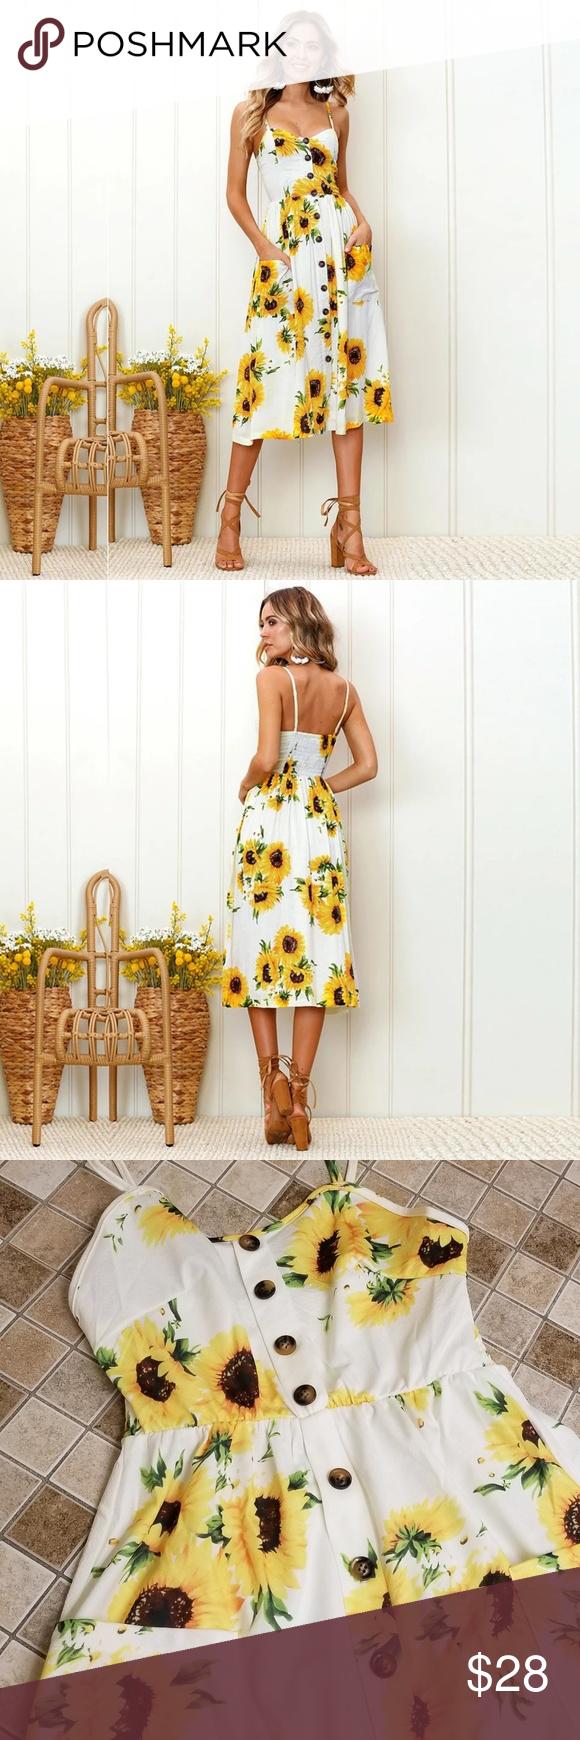 3 30 Sunflower Summer Dress Boutique Dresses Summer Summer Dresses Dresses [ 1740 x 580 Pixel ]